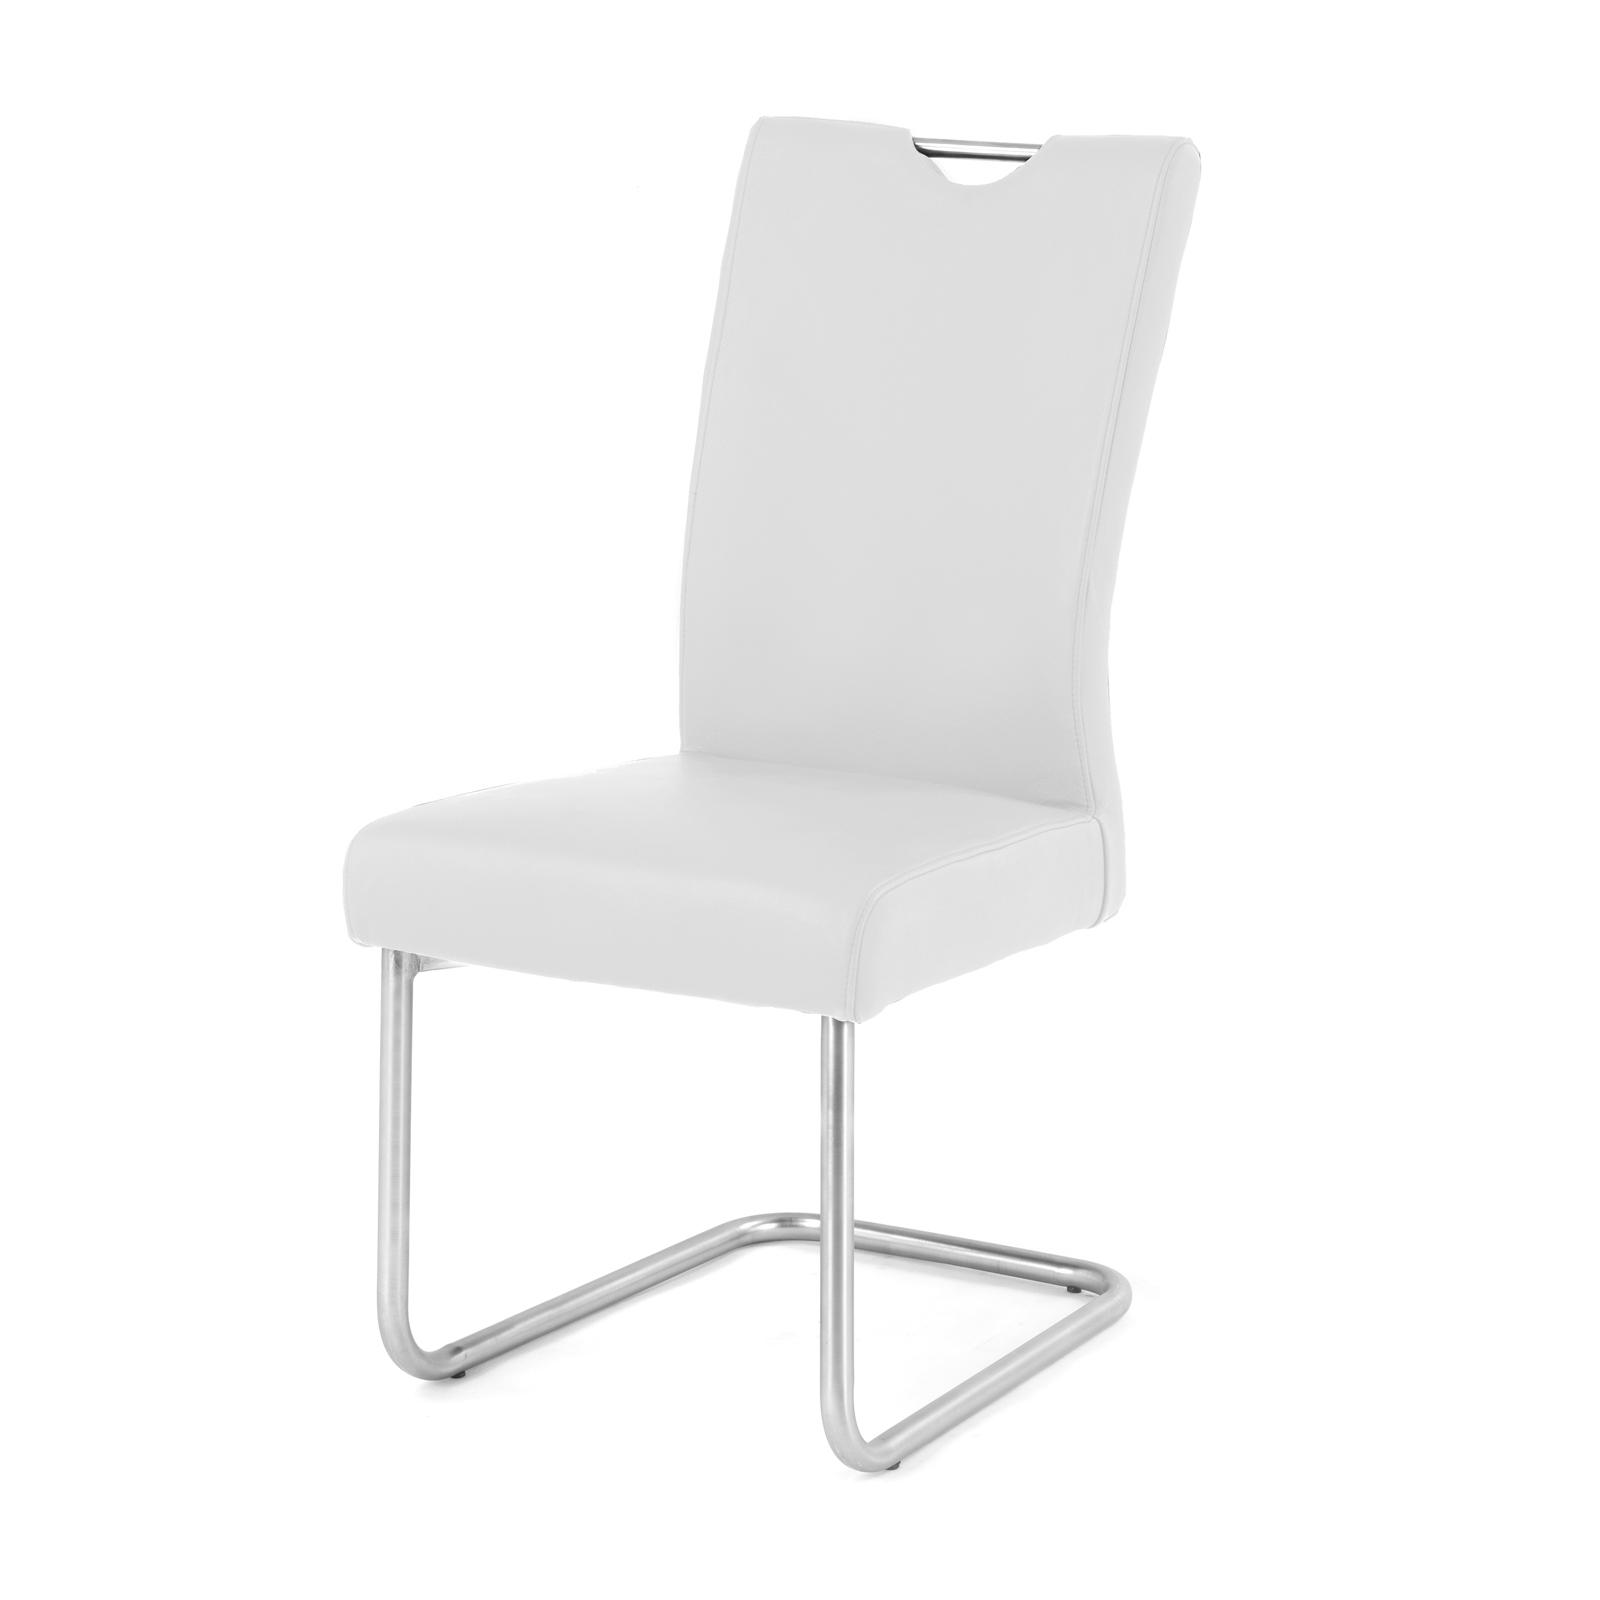 sam design freischwinger stuhl echtleder wei rh2911 auf. Black Bedroom Furniture Sets. Home Design Ideas